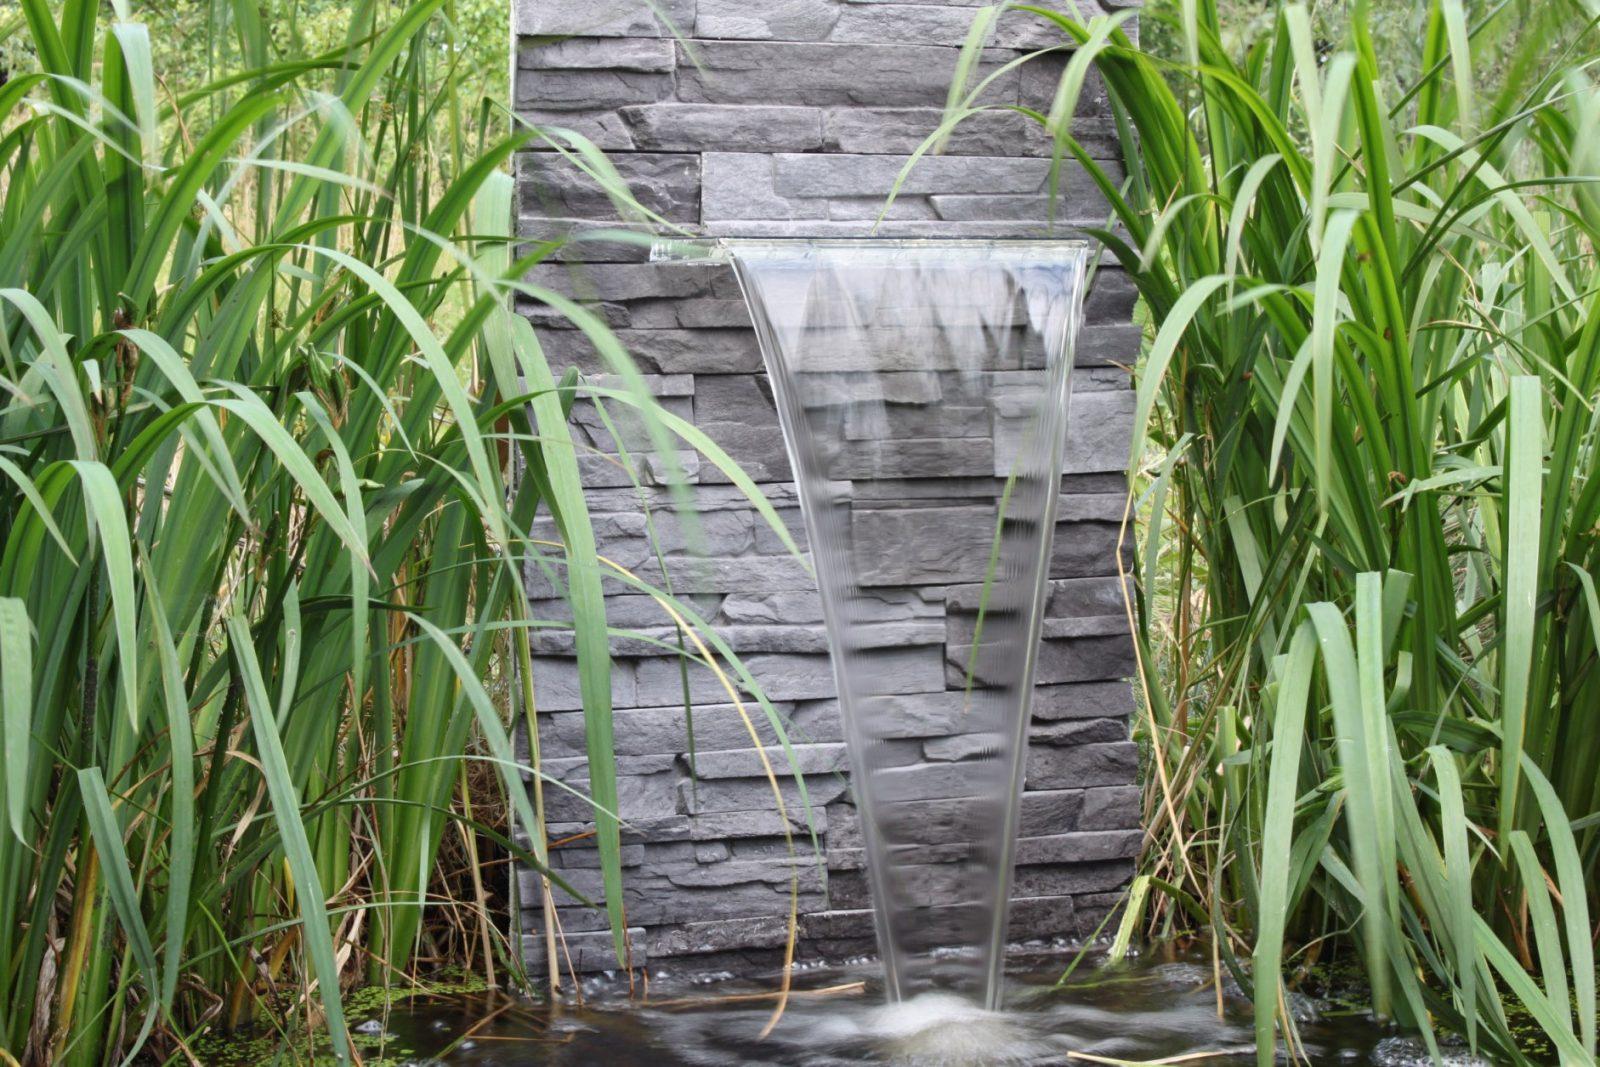 Garten Wasserfall Selber Bauen von Mauer Wasserfall Selber Bauen Bild